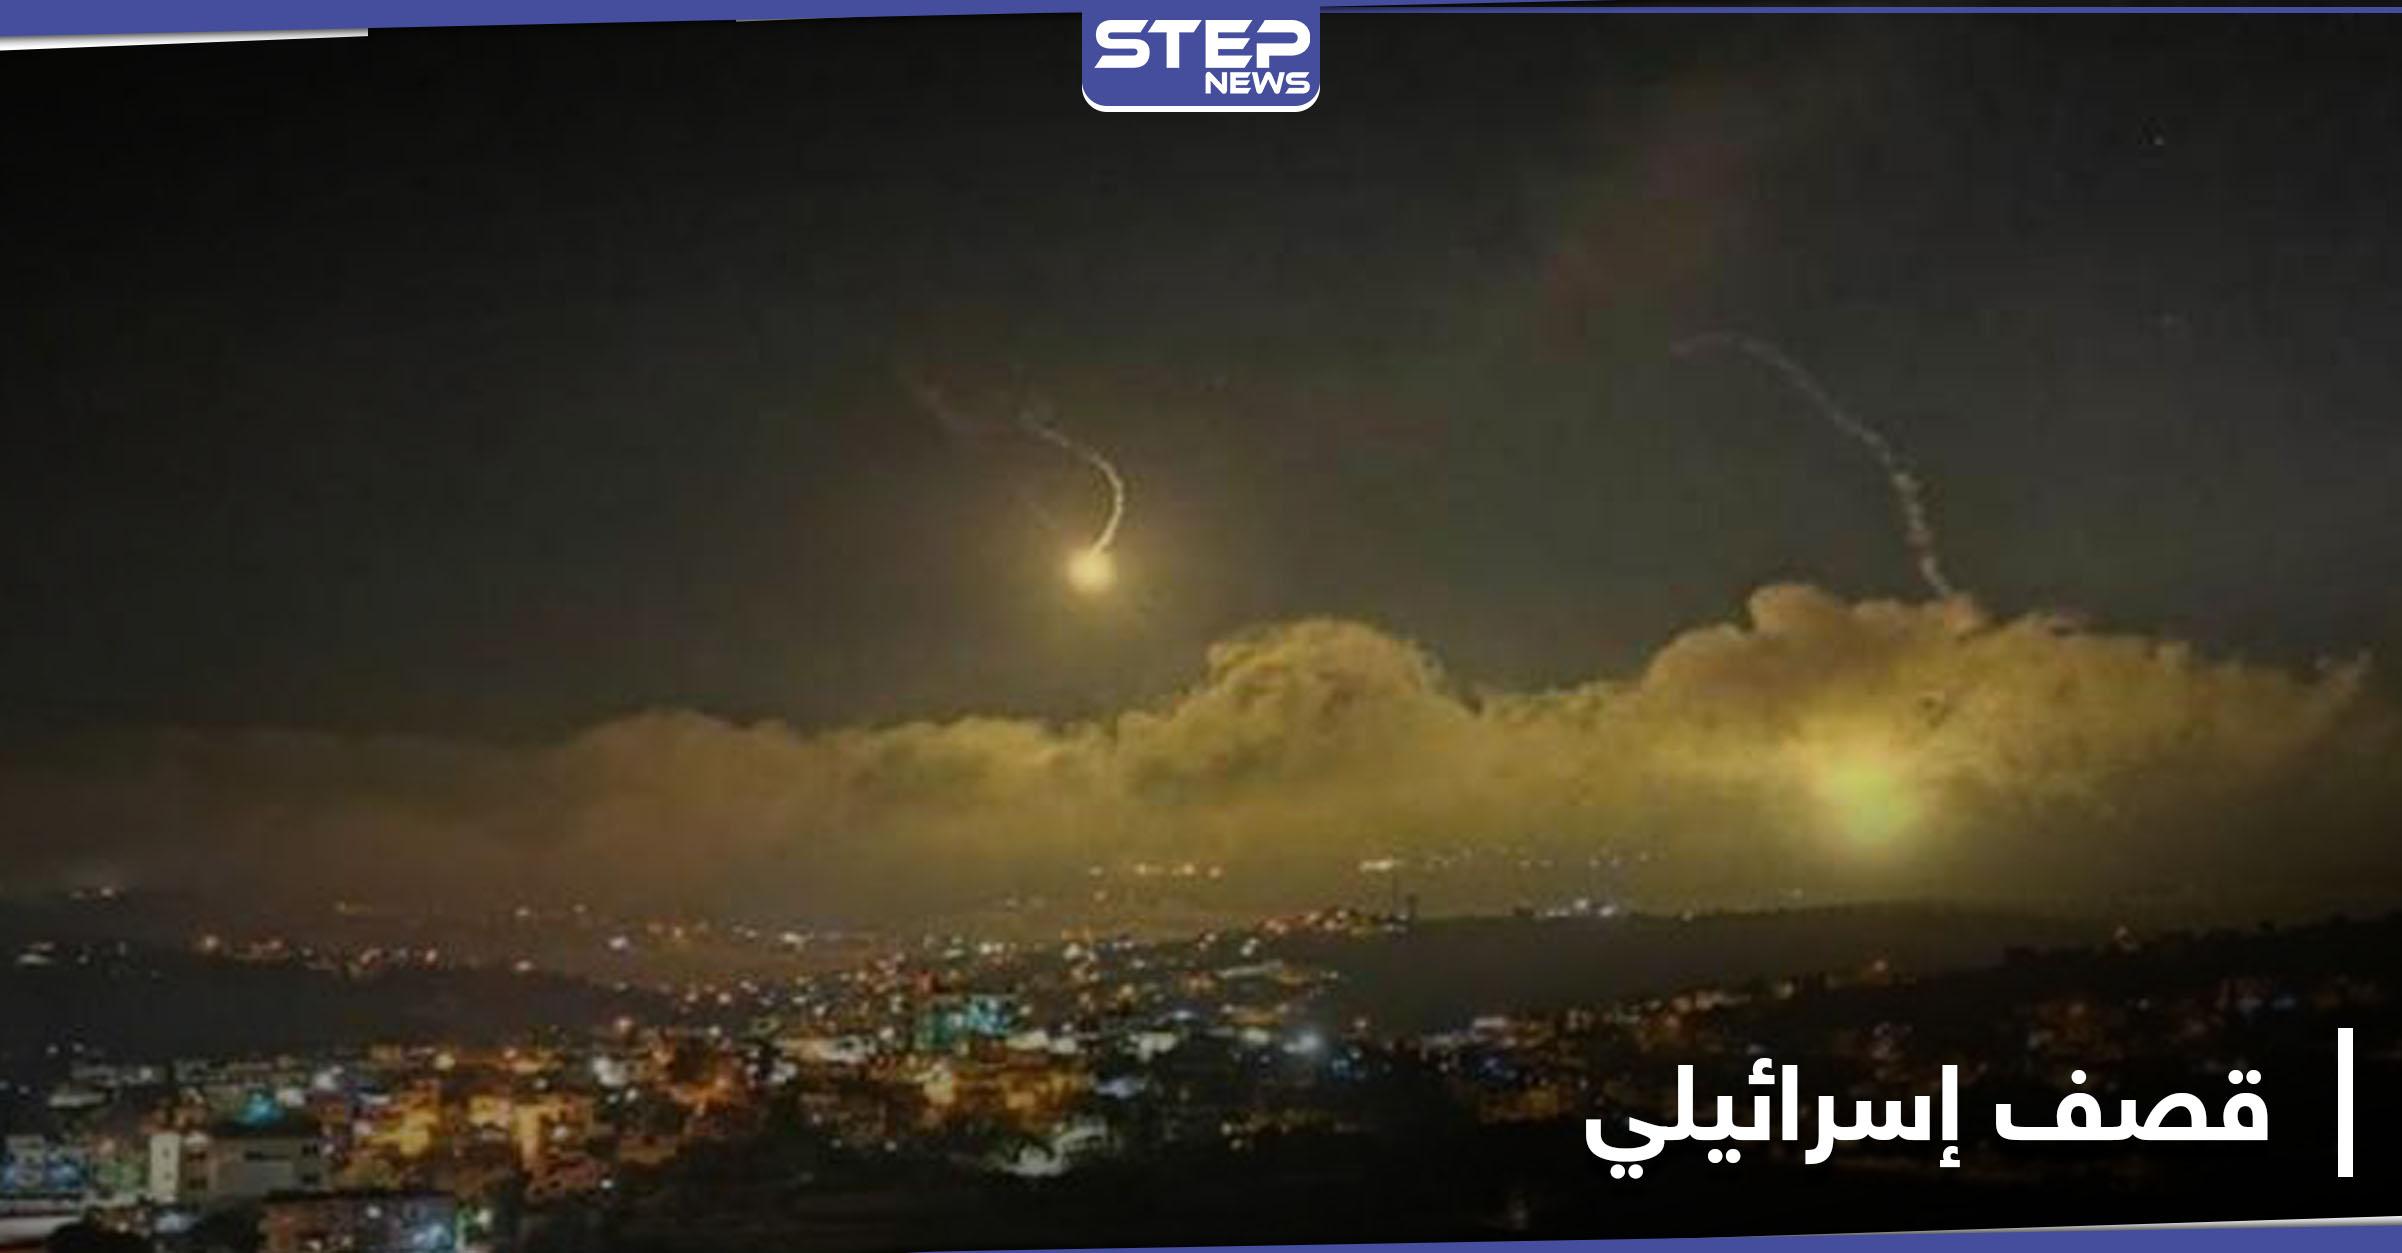 اسرائيل تقصف حزب الله اللبناني